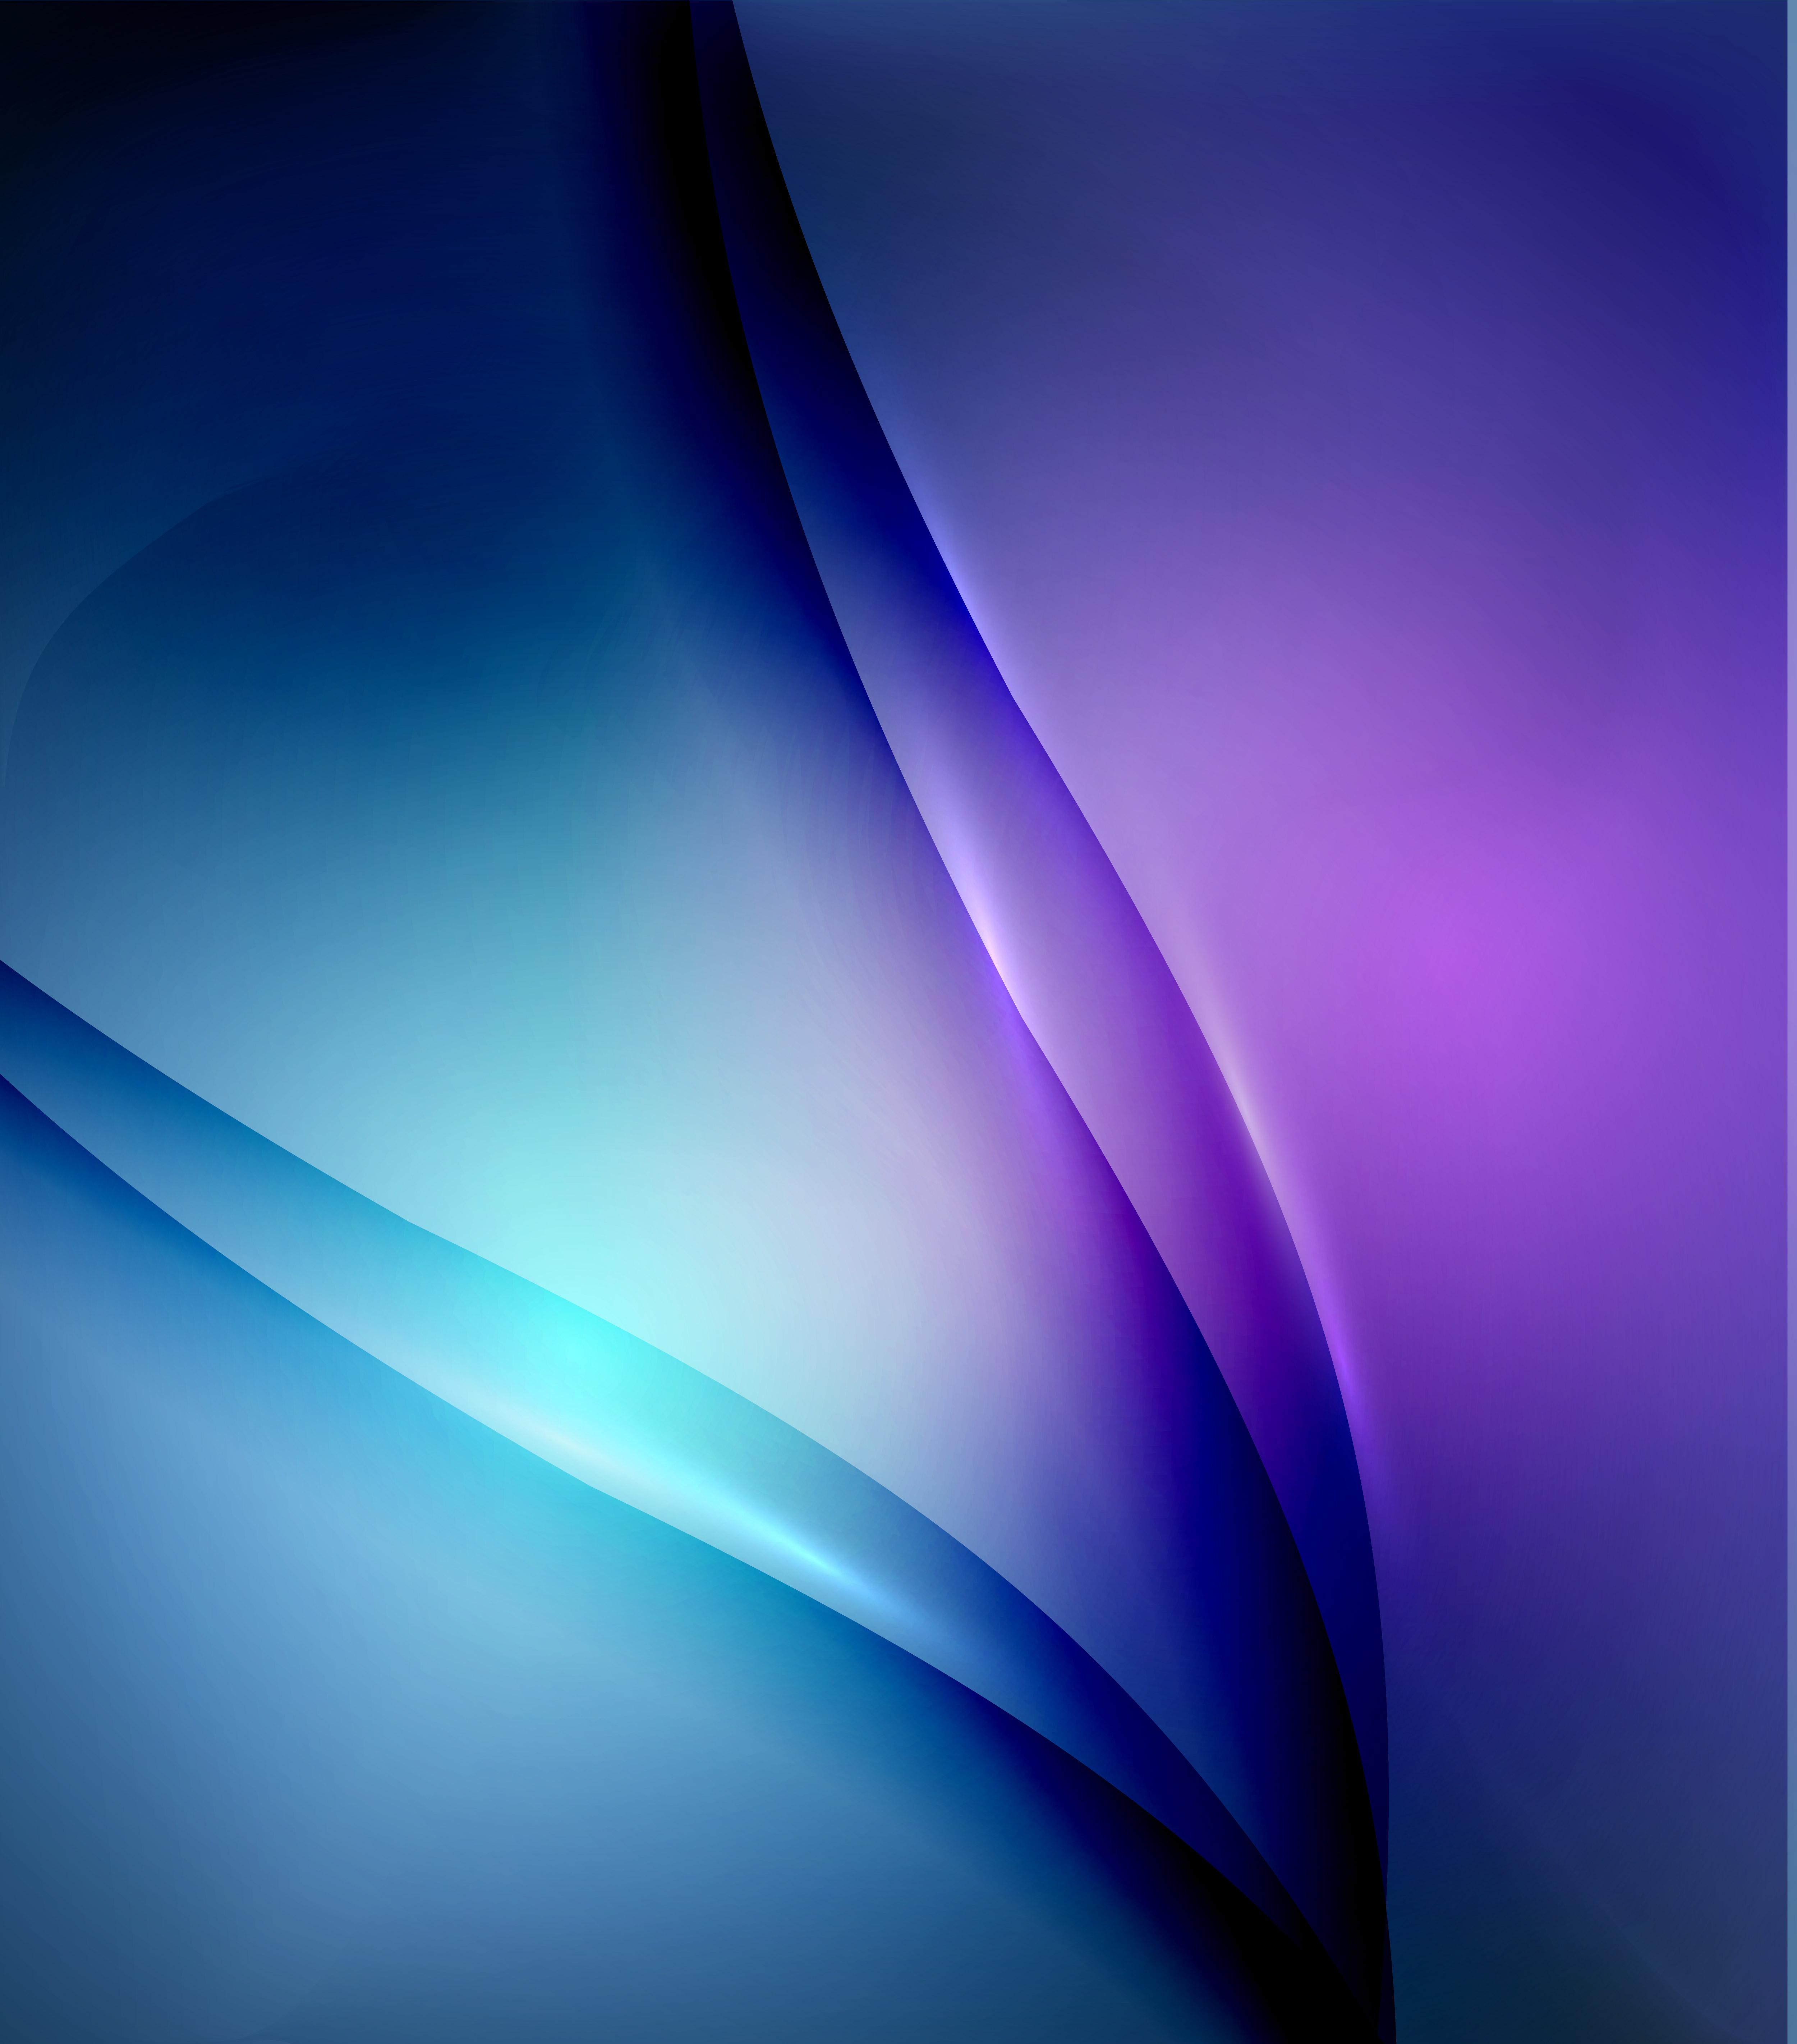 Il Gradiente Del Vettore Blu Sullo Sfondo Viola Acceso Blu Viola